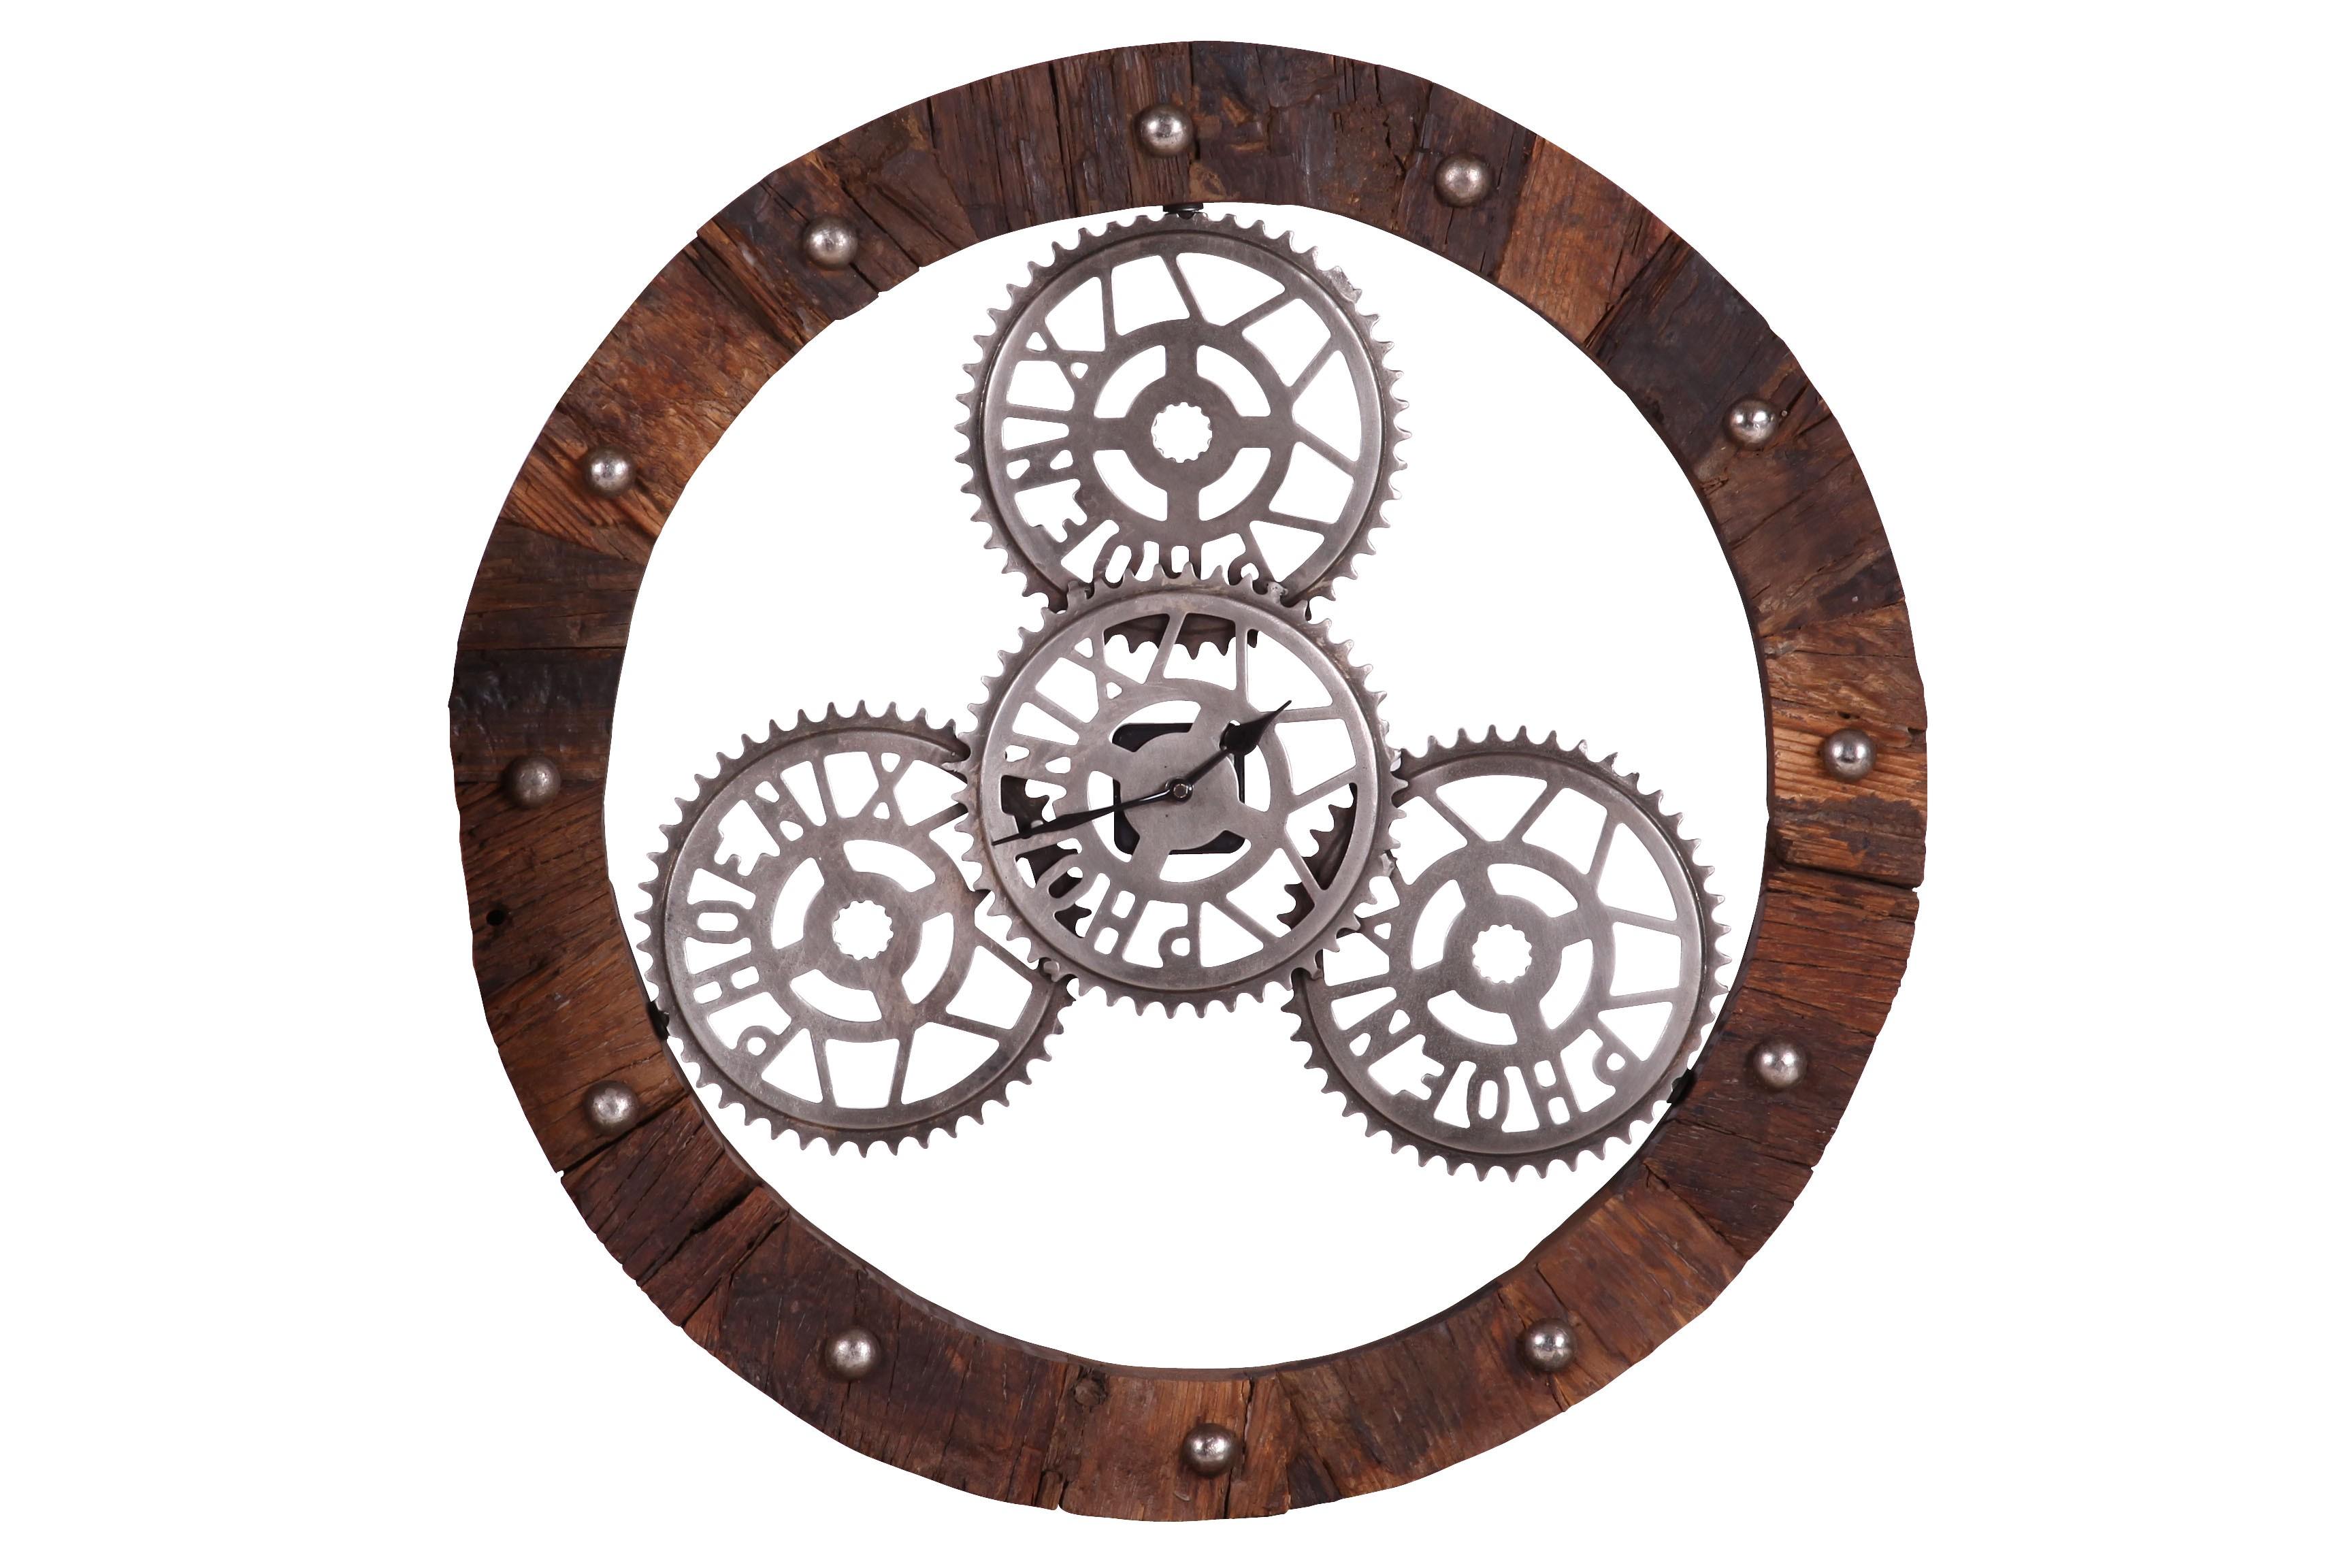 Home 24 - Horloge murale pinion - bois recyclé - marron / argenté, furnlab